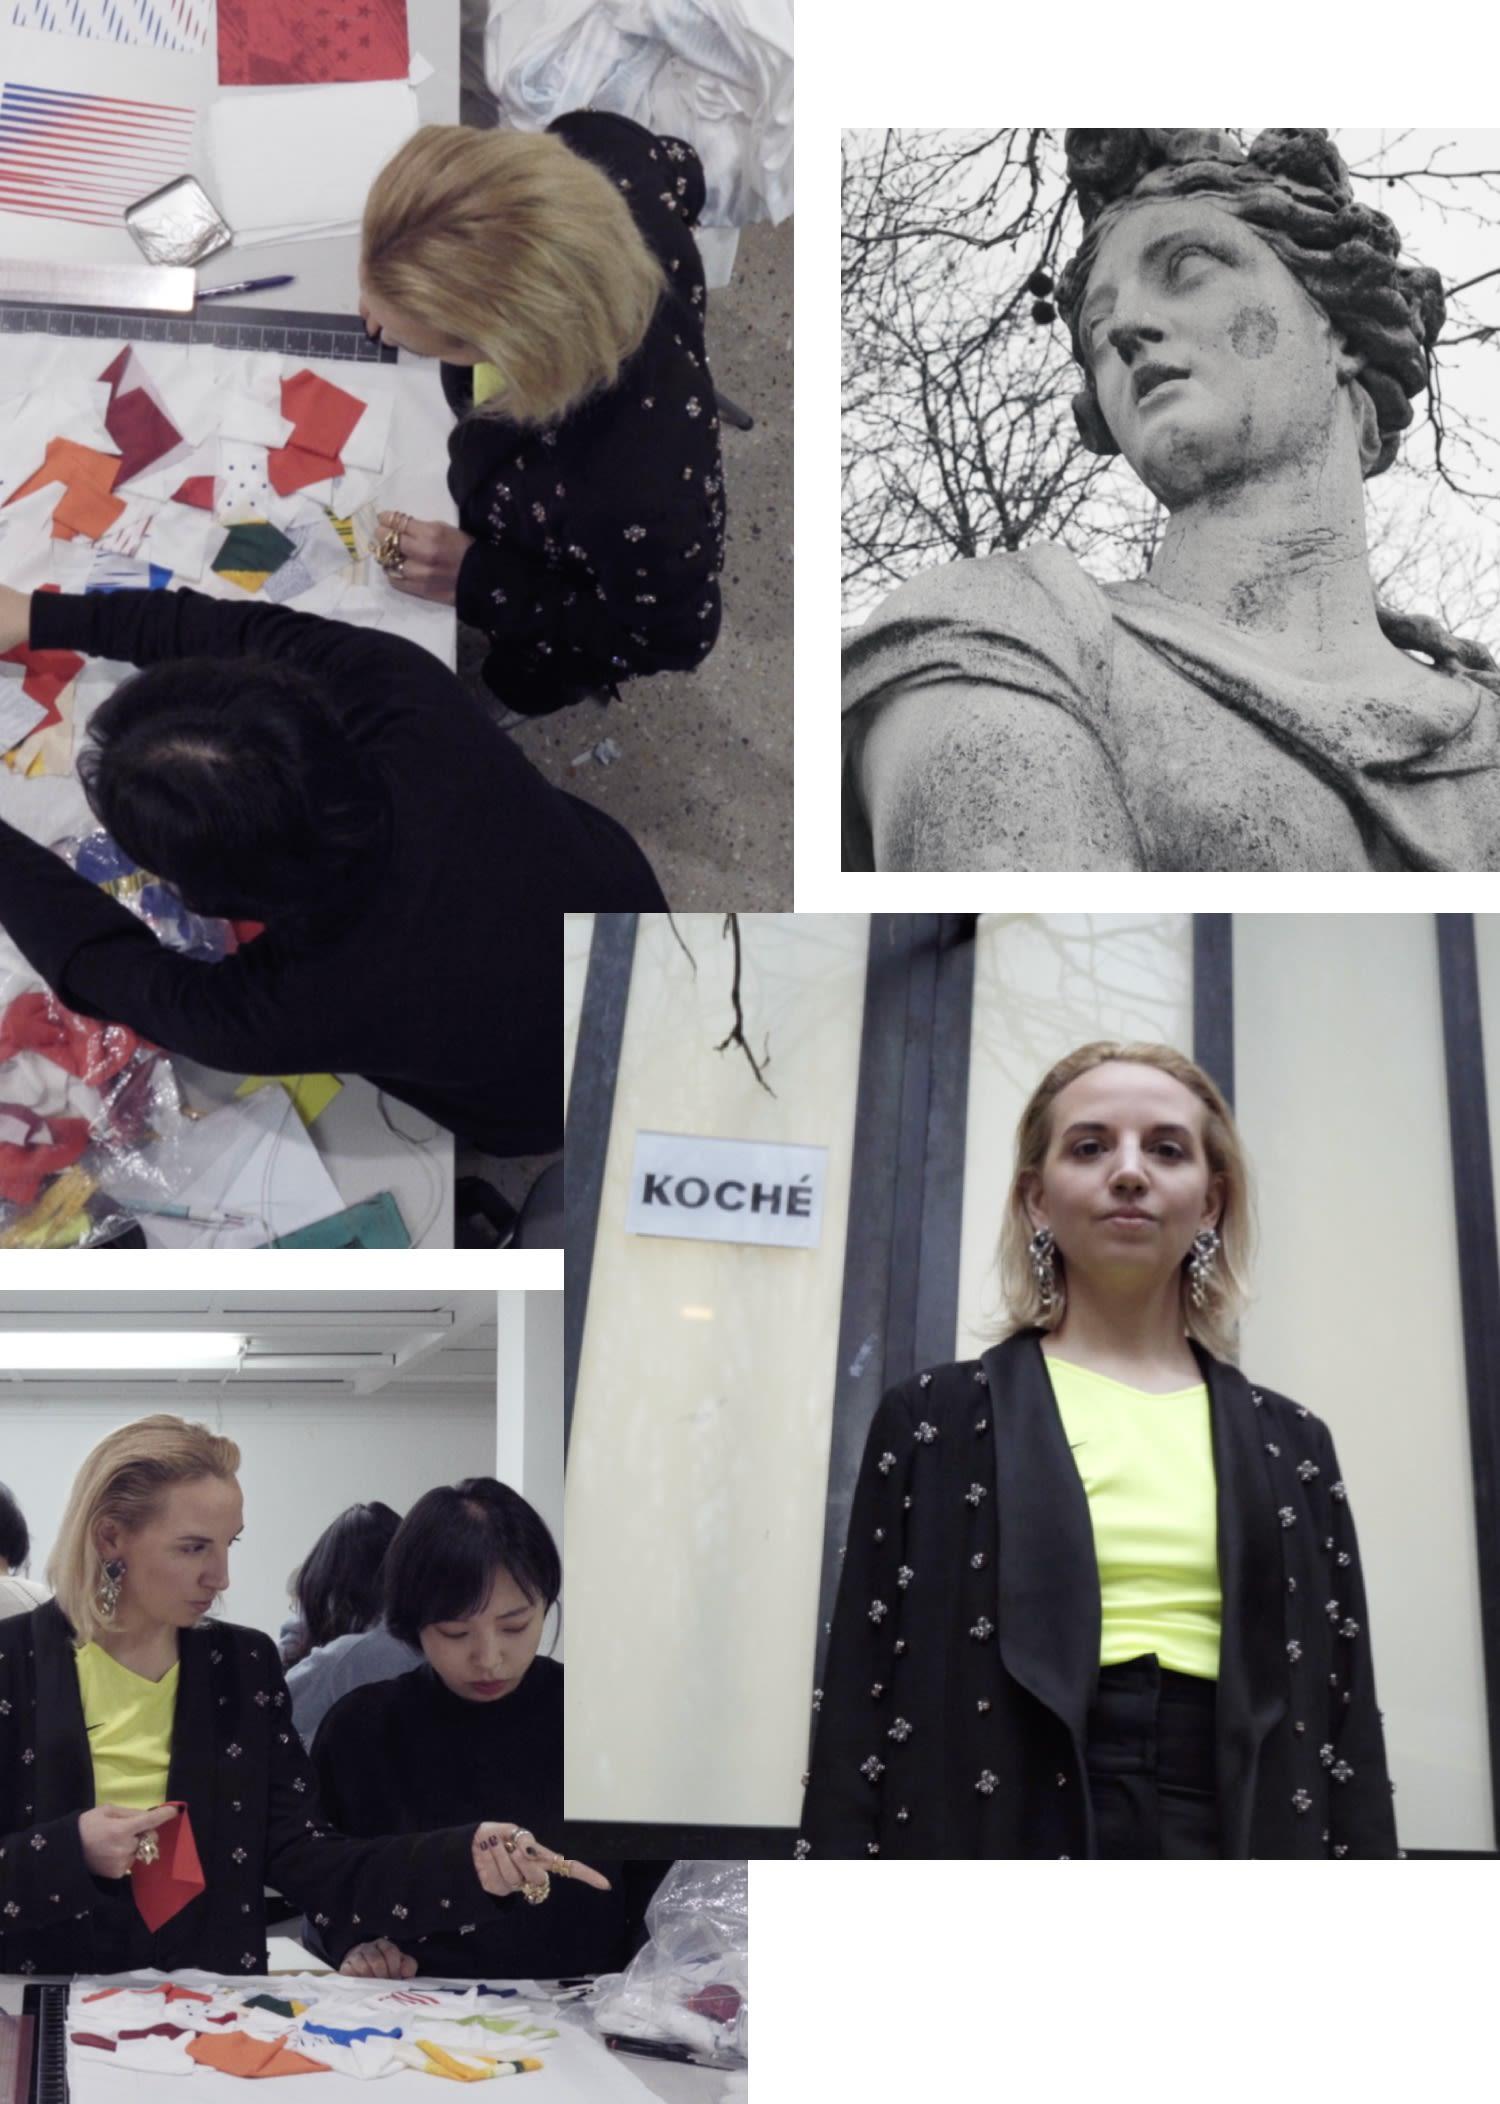 Christelle Kocher Goddess of Victory Dress